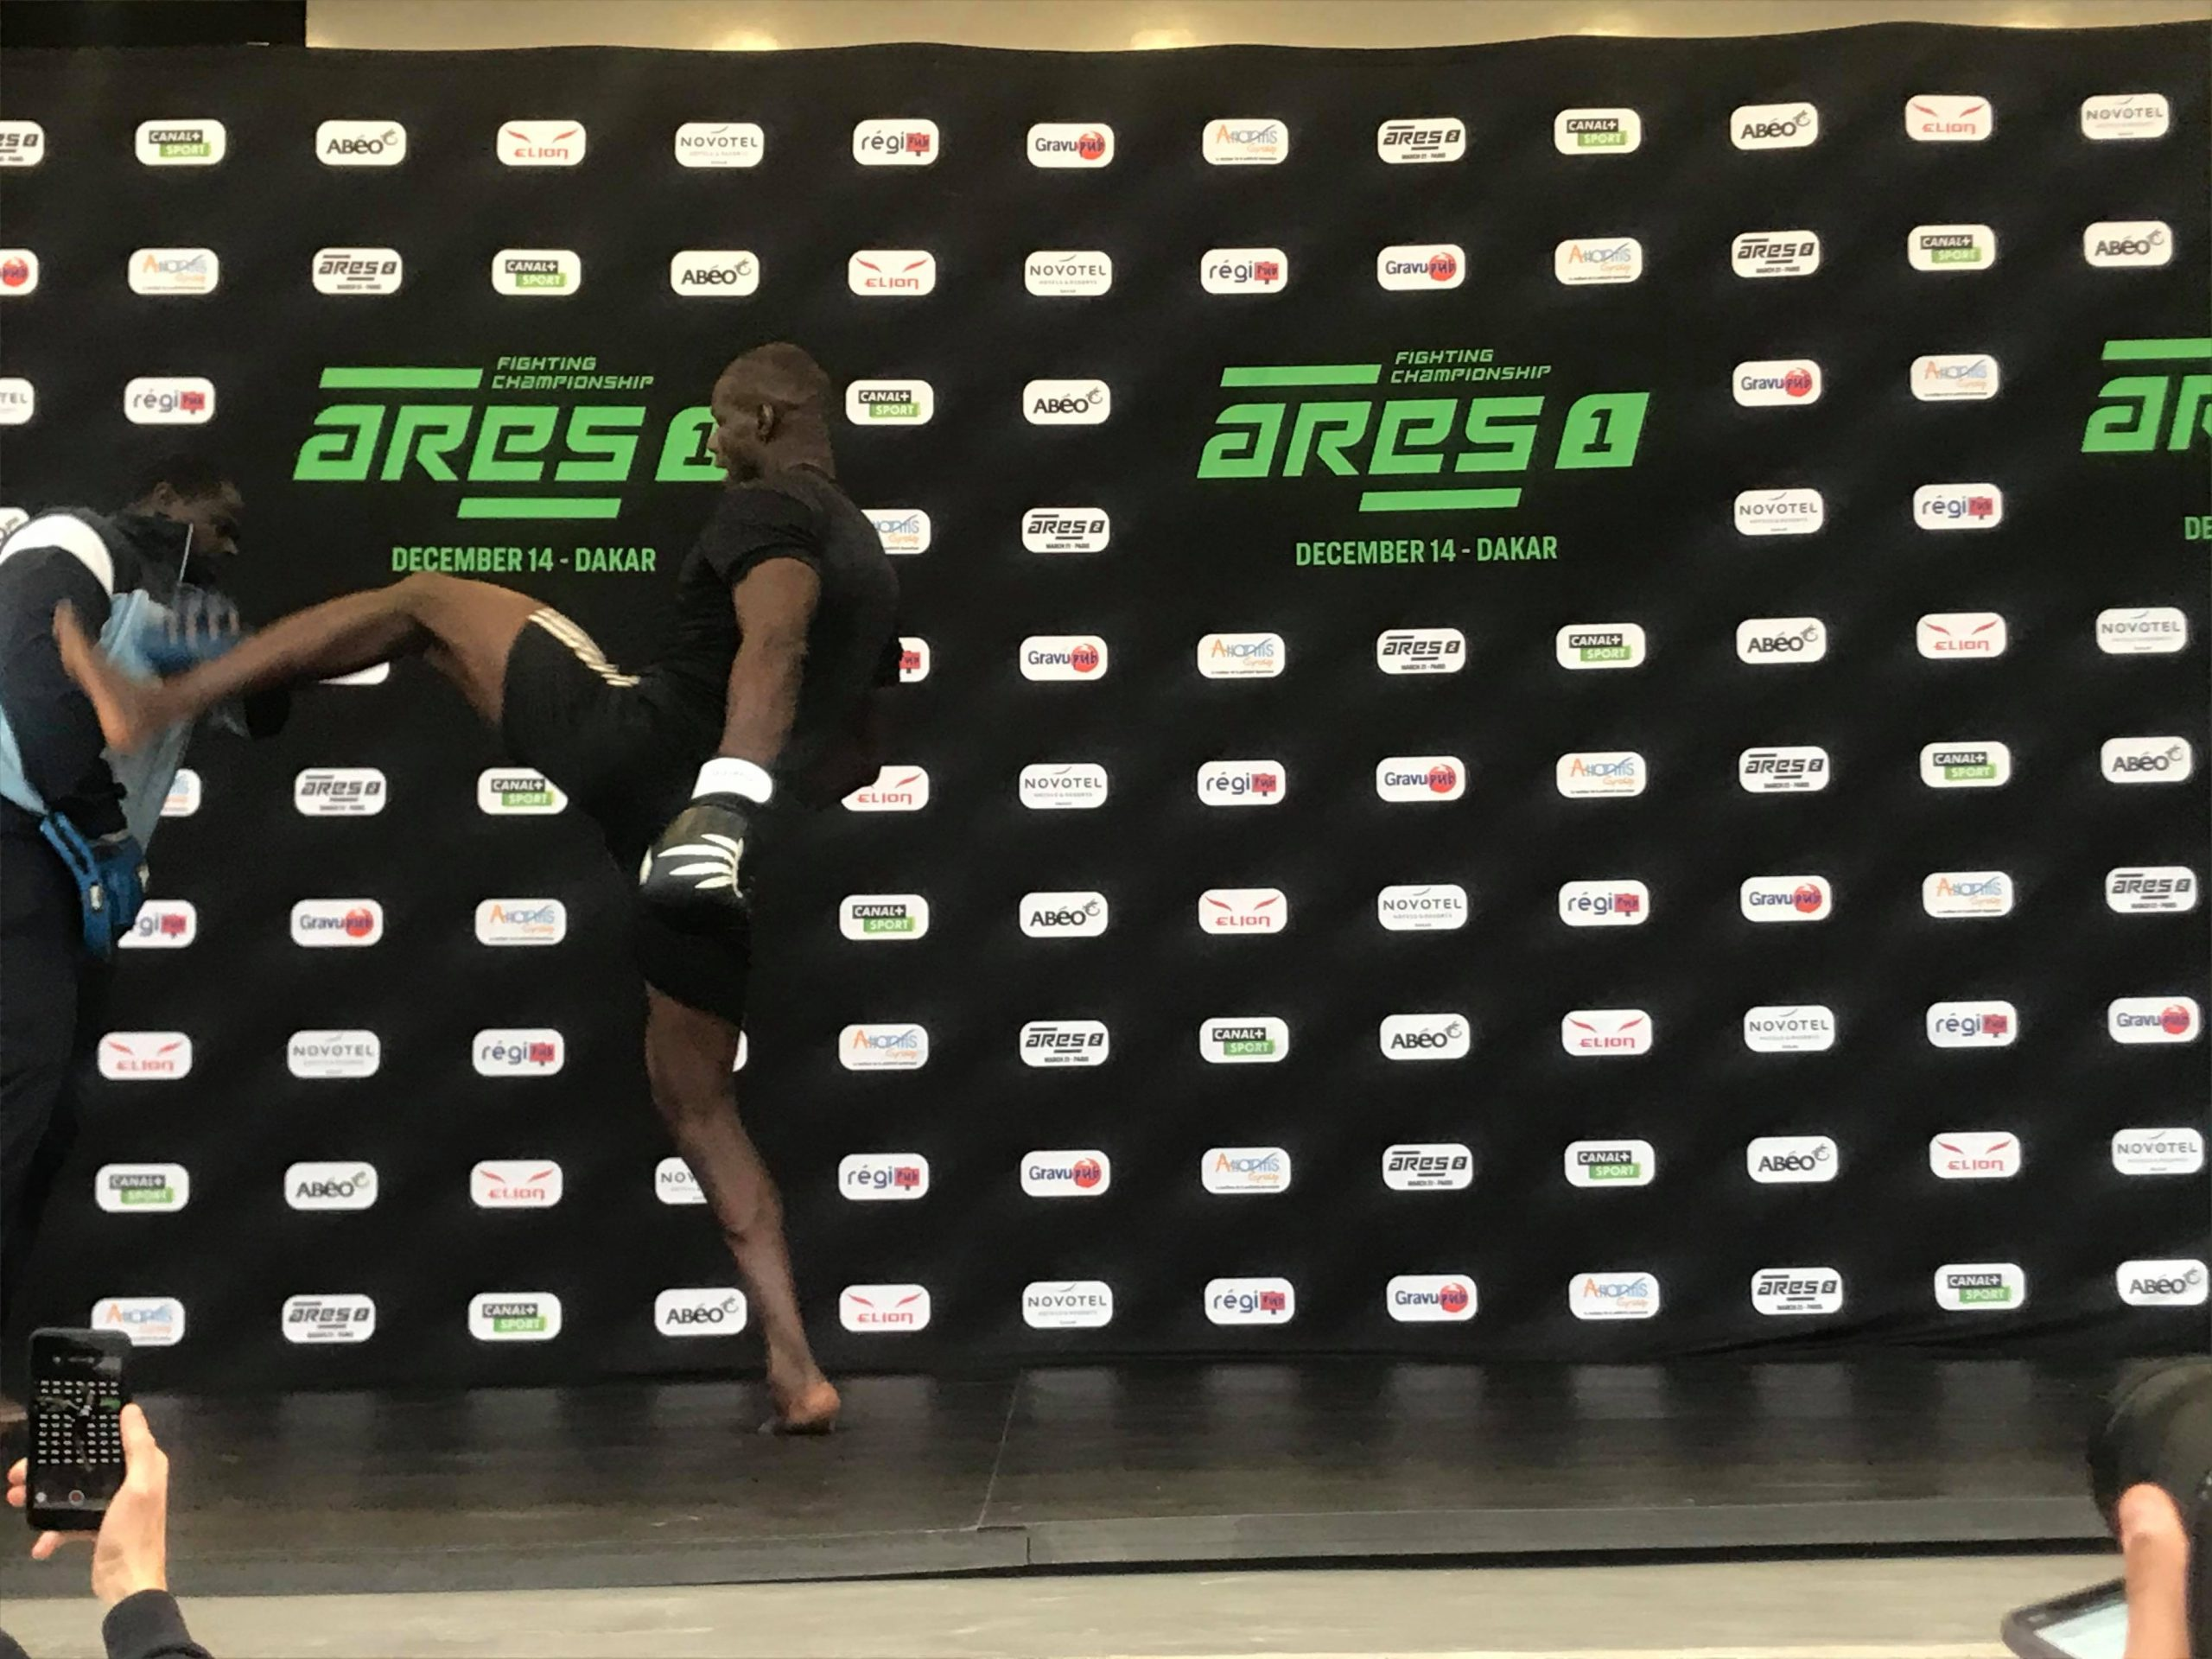 78999384 441047833502269 5584586833565581312 n scaled - MMA : Reug Reug et son adversaire Sofiane, présentés au public (13 Photos)